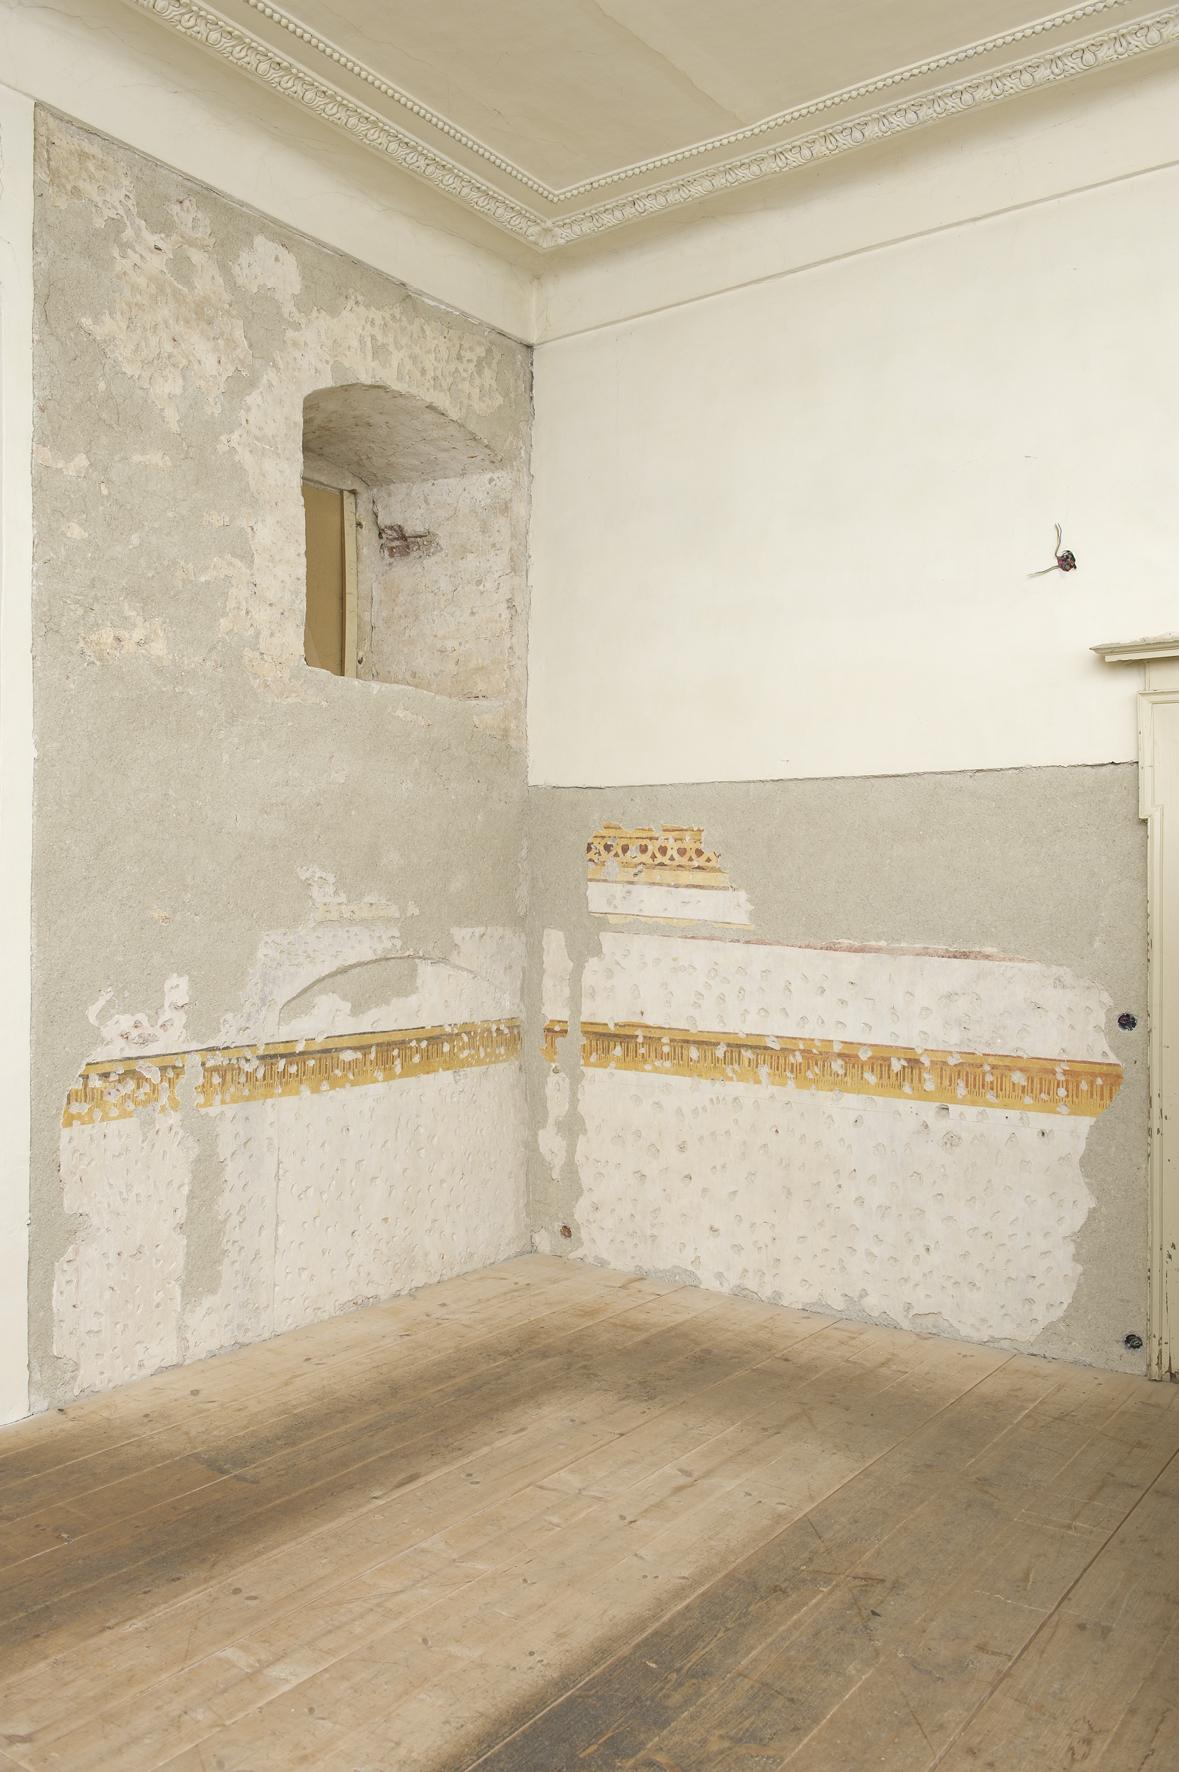 Die freigelegten Fragmente einer gemalten Wanddekorationen geben uns einen Eindruck darüber, wie bunt die Innenräume des alten Eggenberger Schlosses im späten Mittelalter waren. Zu sehen am Tag des Denkmals, Foto: UMJ/ N. Lackner